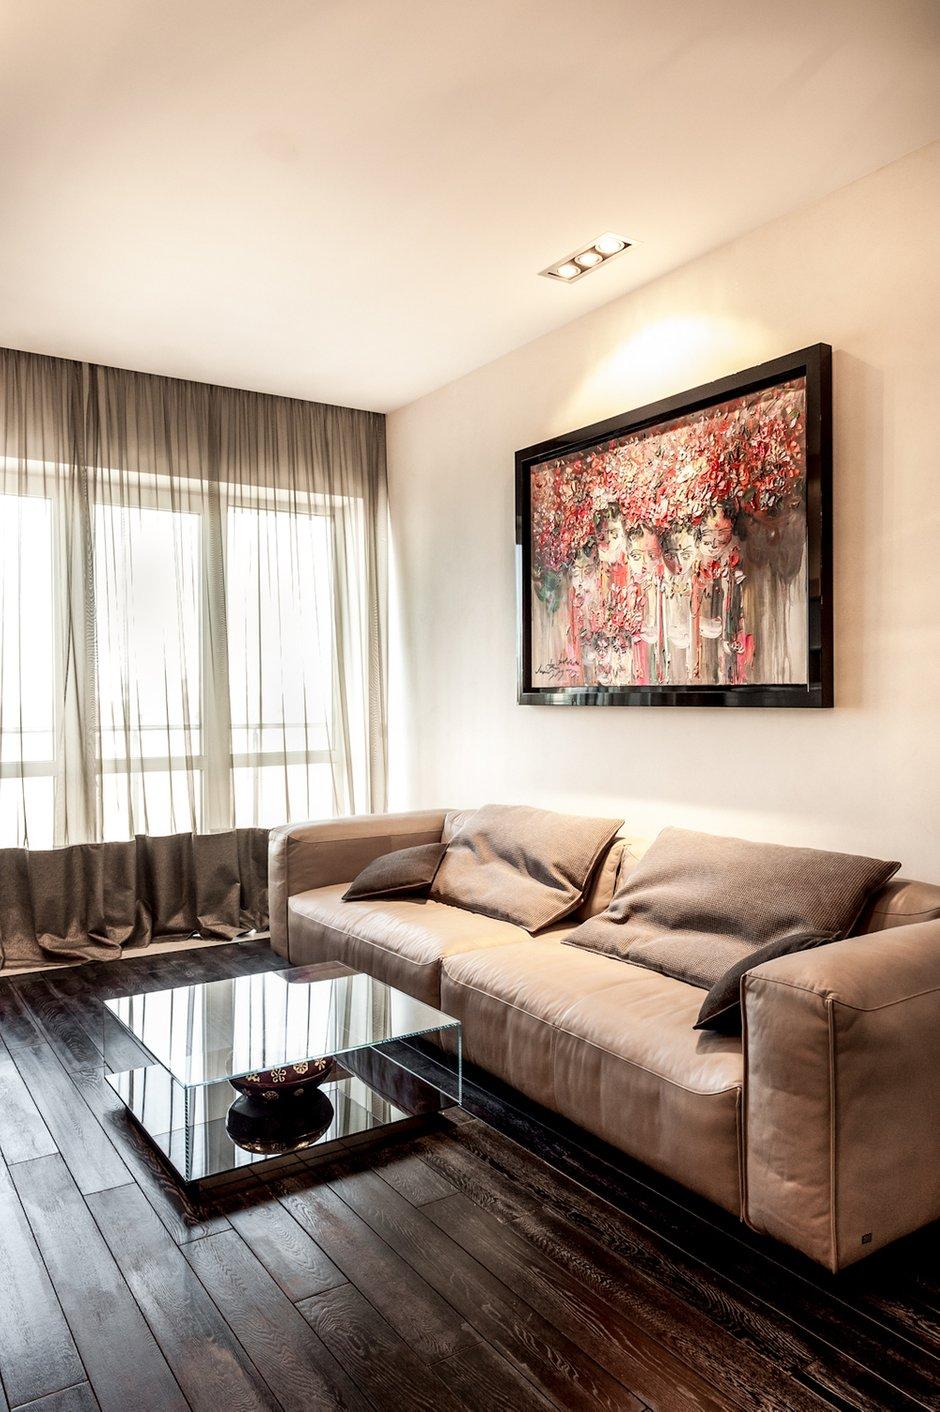 Фотография: Гостиная в стиле Современный, Квартира, Дома и квартиры, Roommy.ru, Porada – фото на INMYROOM